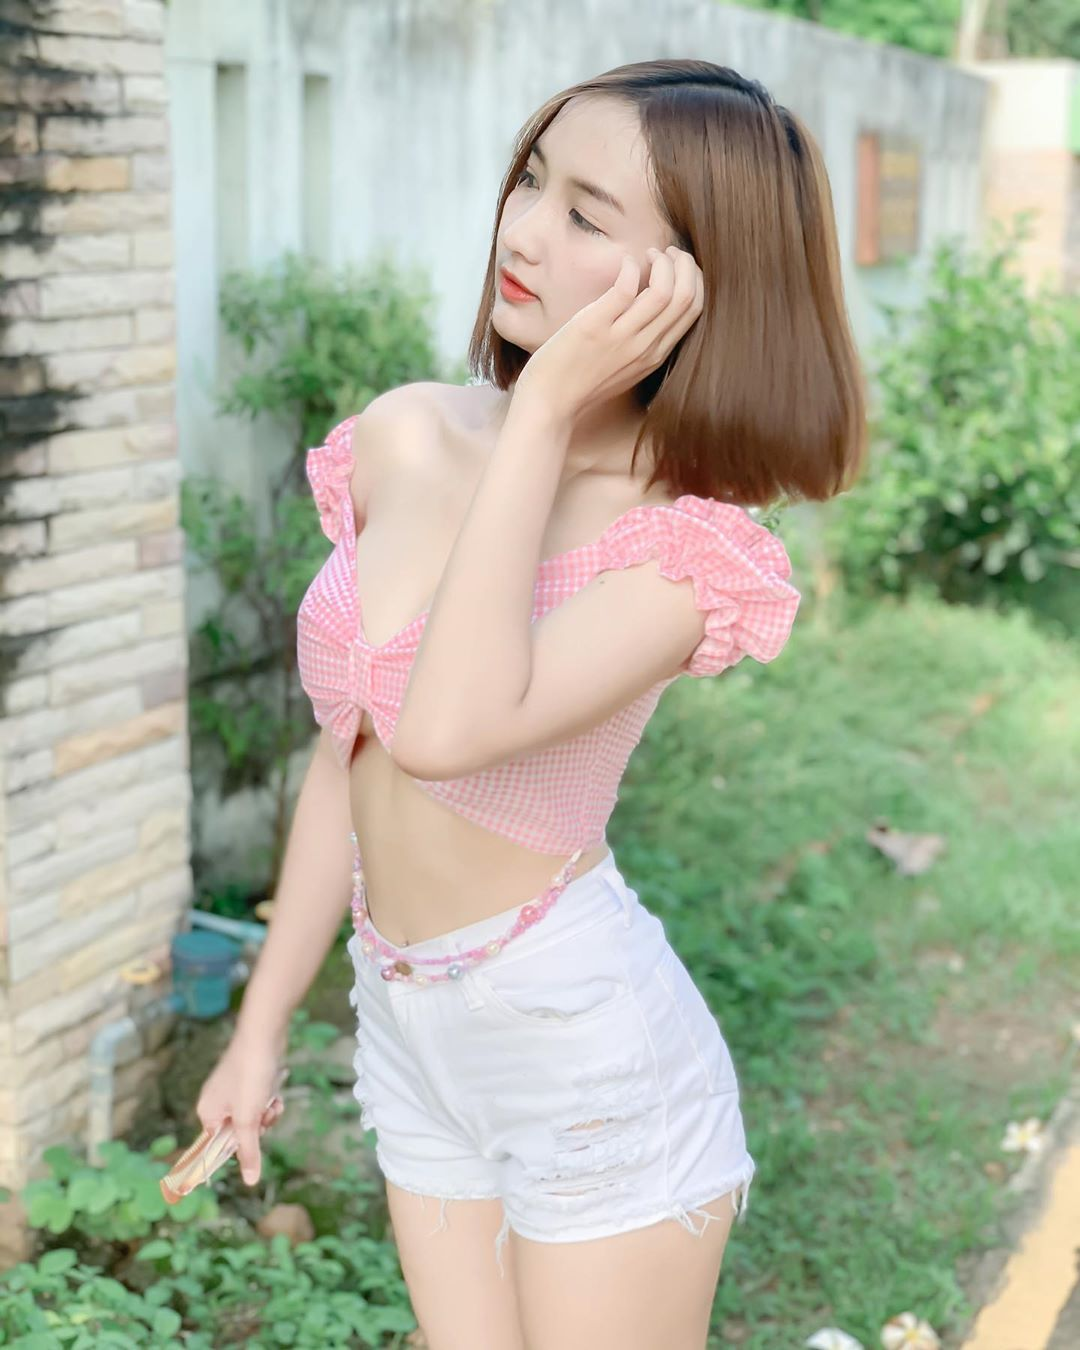 泰国童颜女主播紧身吊嘎低胸人深字沟清晰可见 男人文娱 热图6